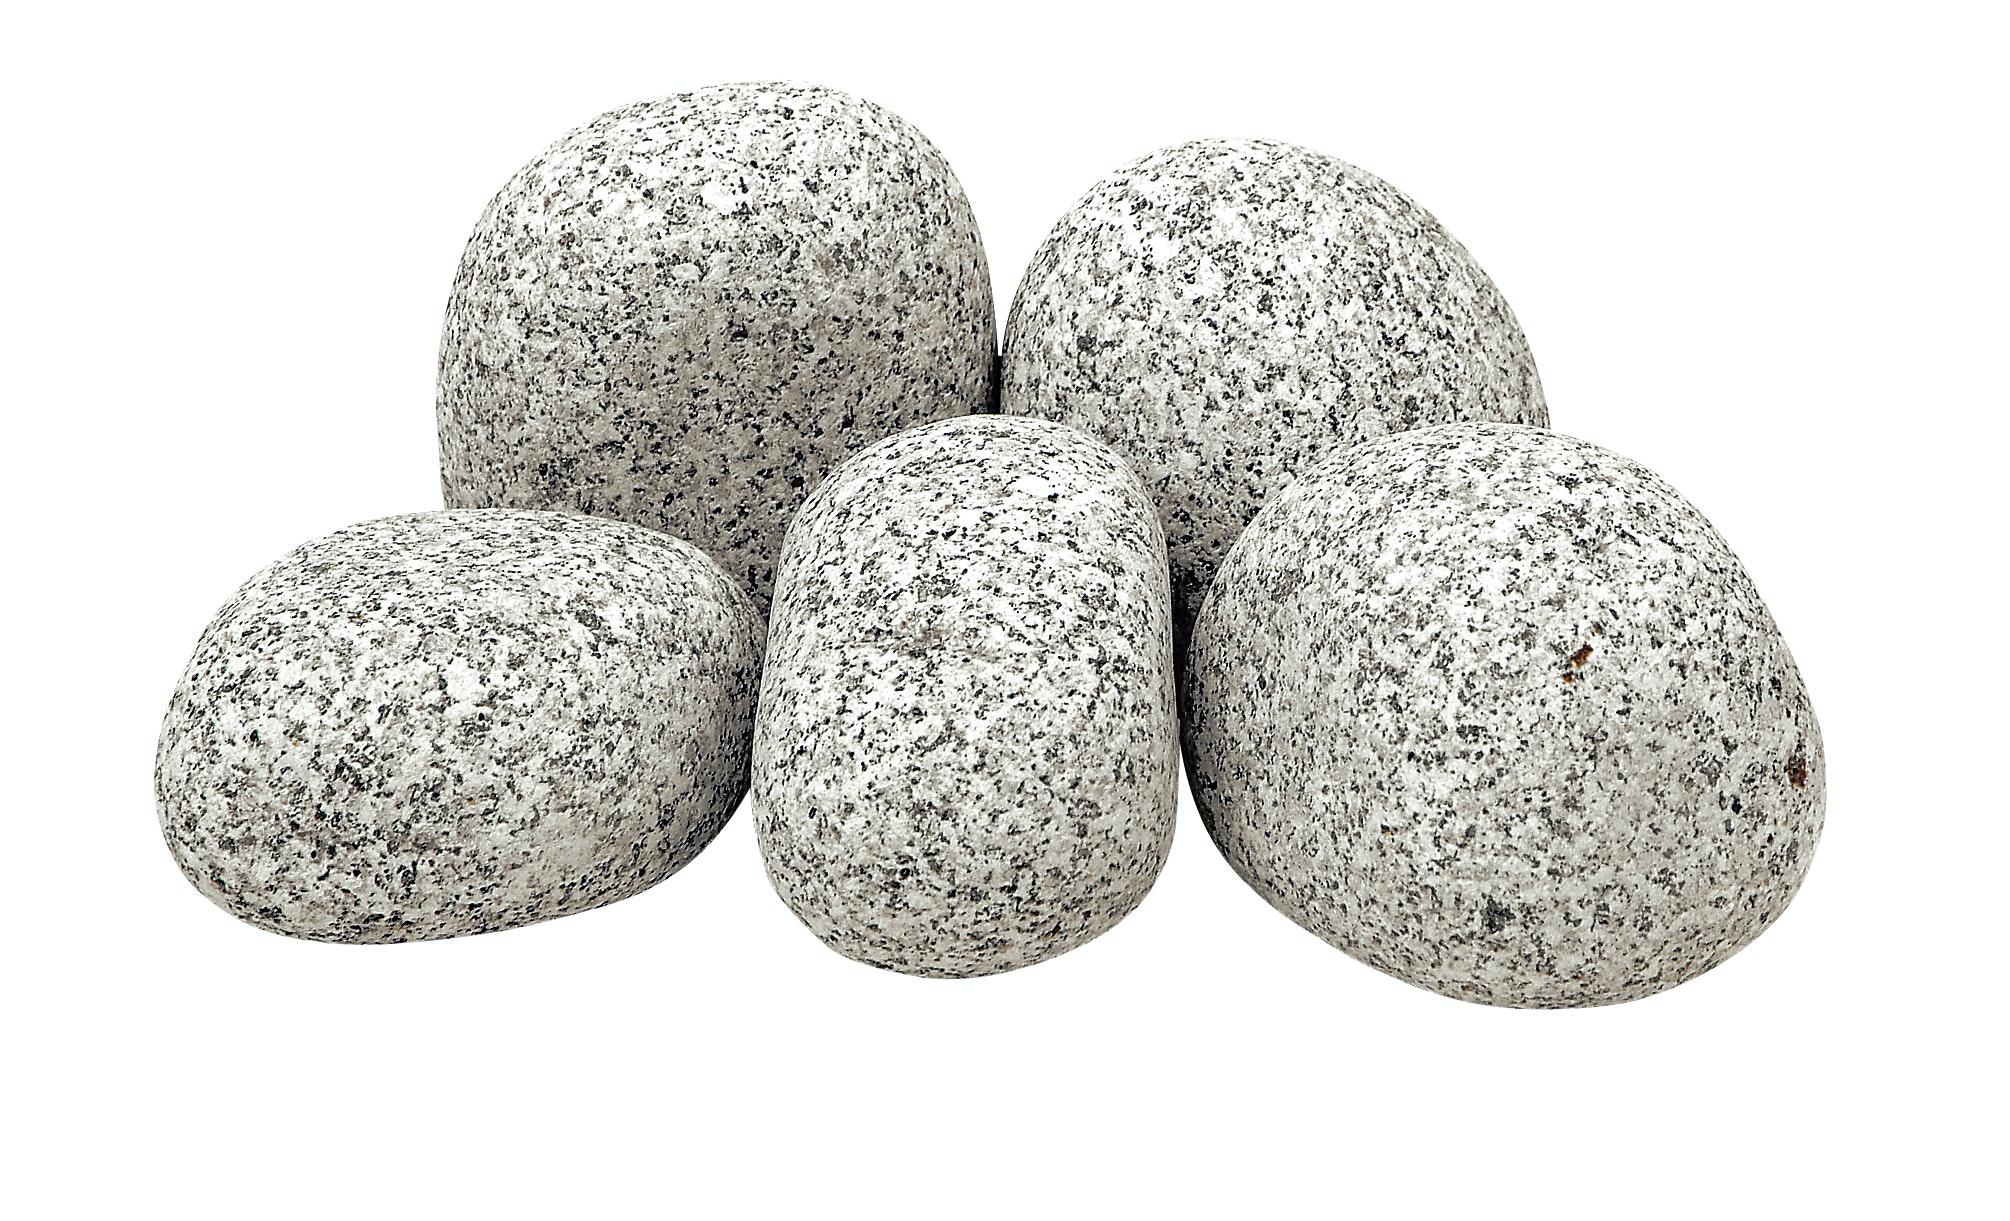 Dekorsten S:t Eriks Graniteballs Ljusgrå Fraktion 70-90mm 20kg